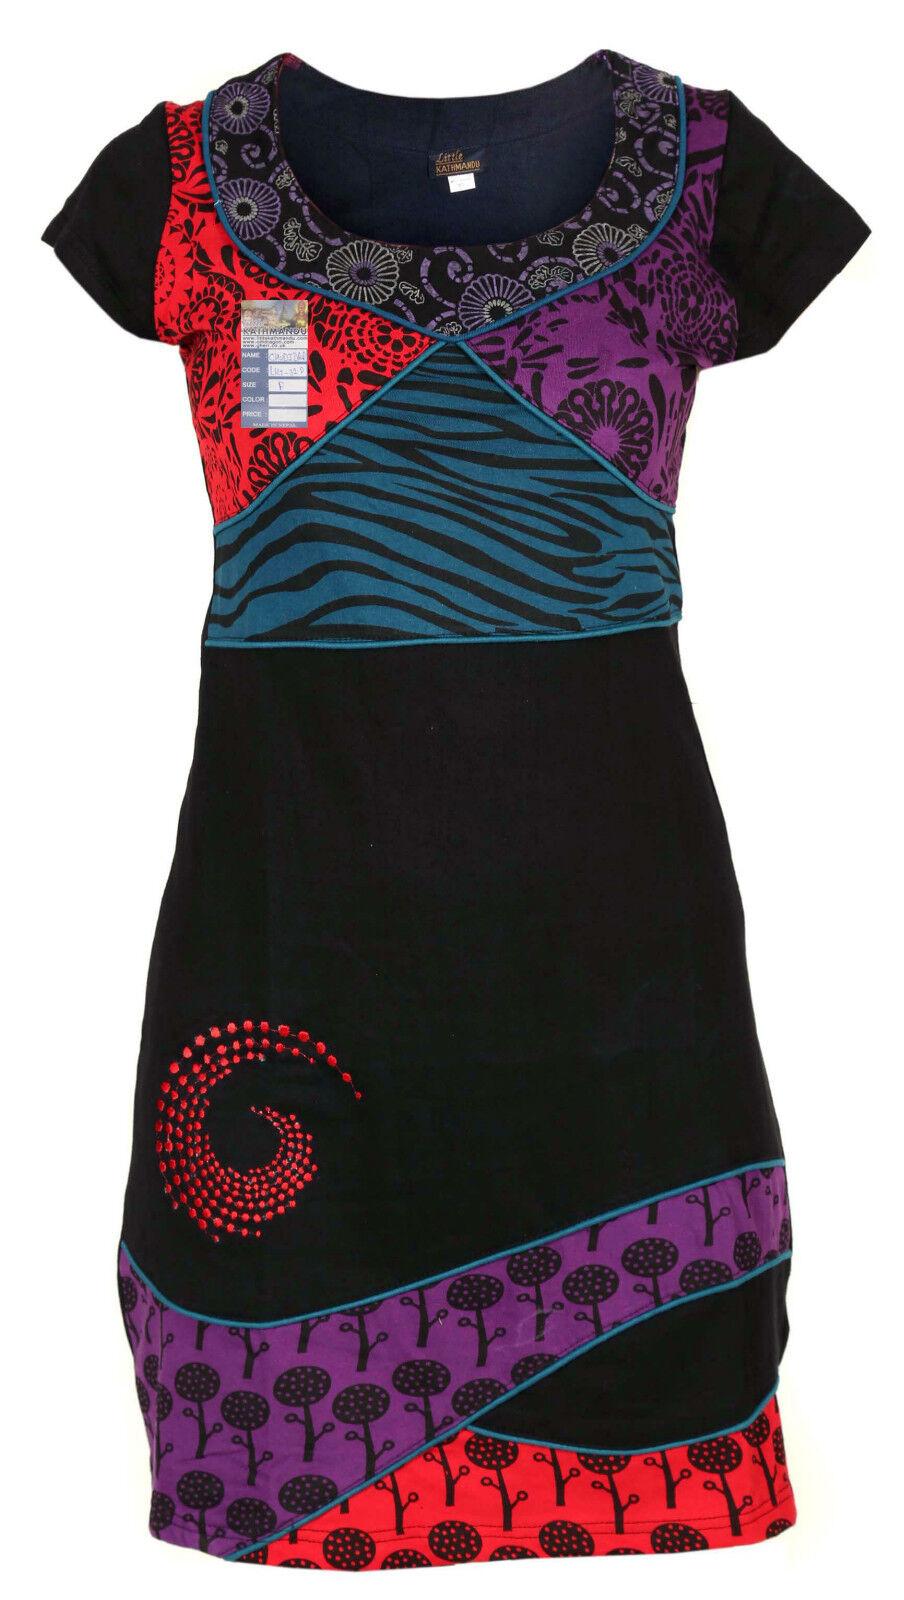 Hippie Boho algodón bordado étnico étnico étnico Patchwork Manga Corta Vestido Con Cuello 43293c